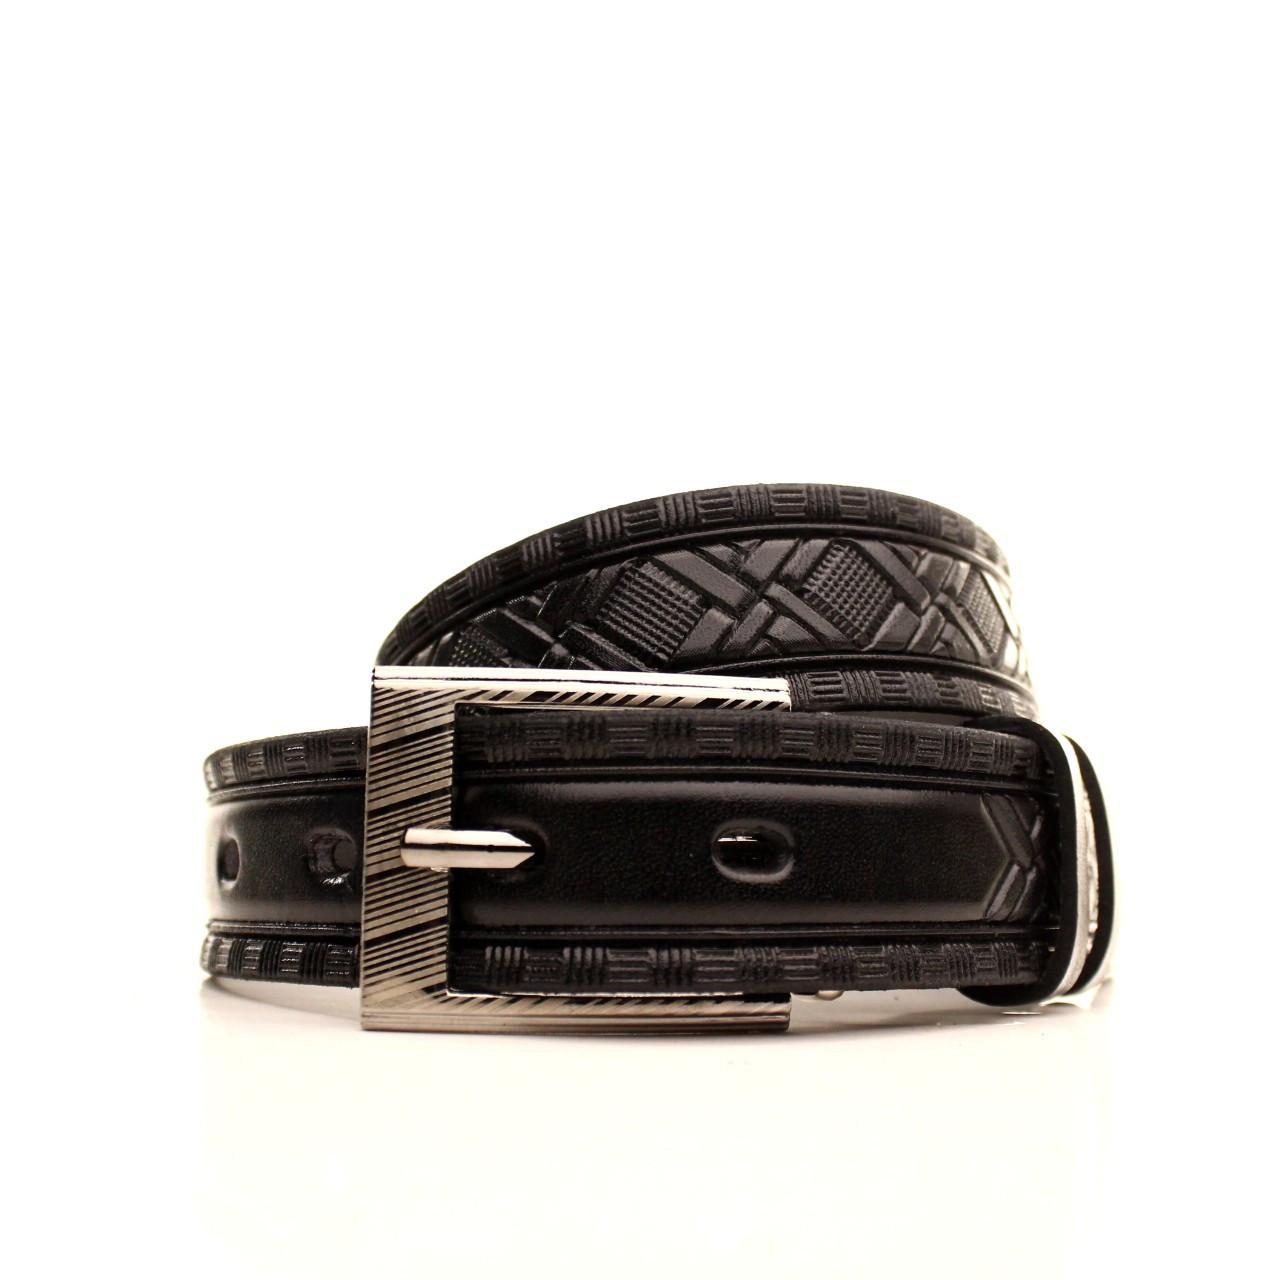 Ремень кожаный Lazar 70-80 см черный l30u3w20